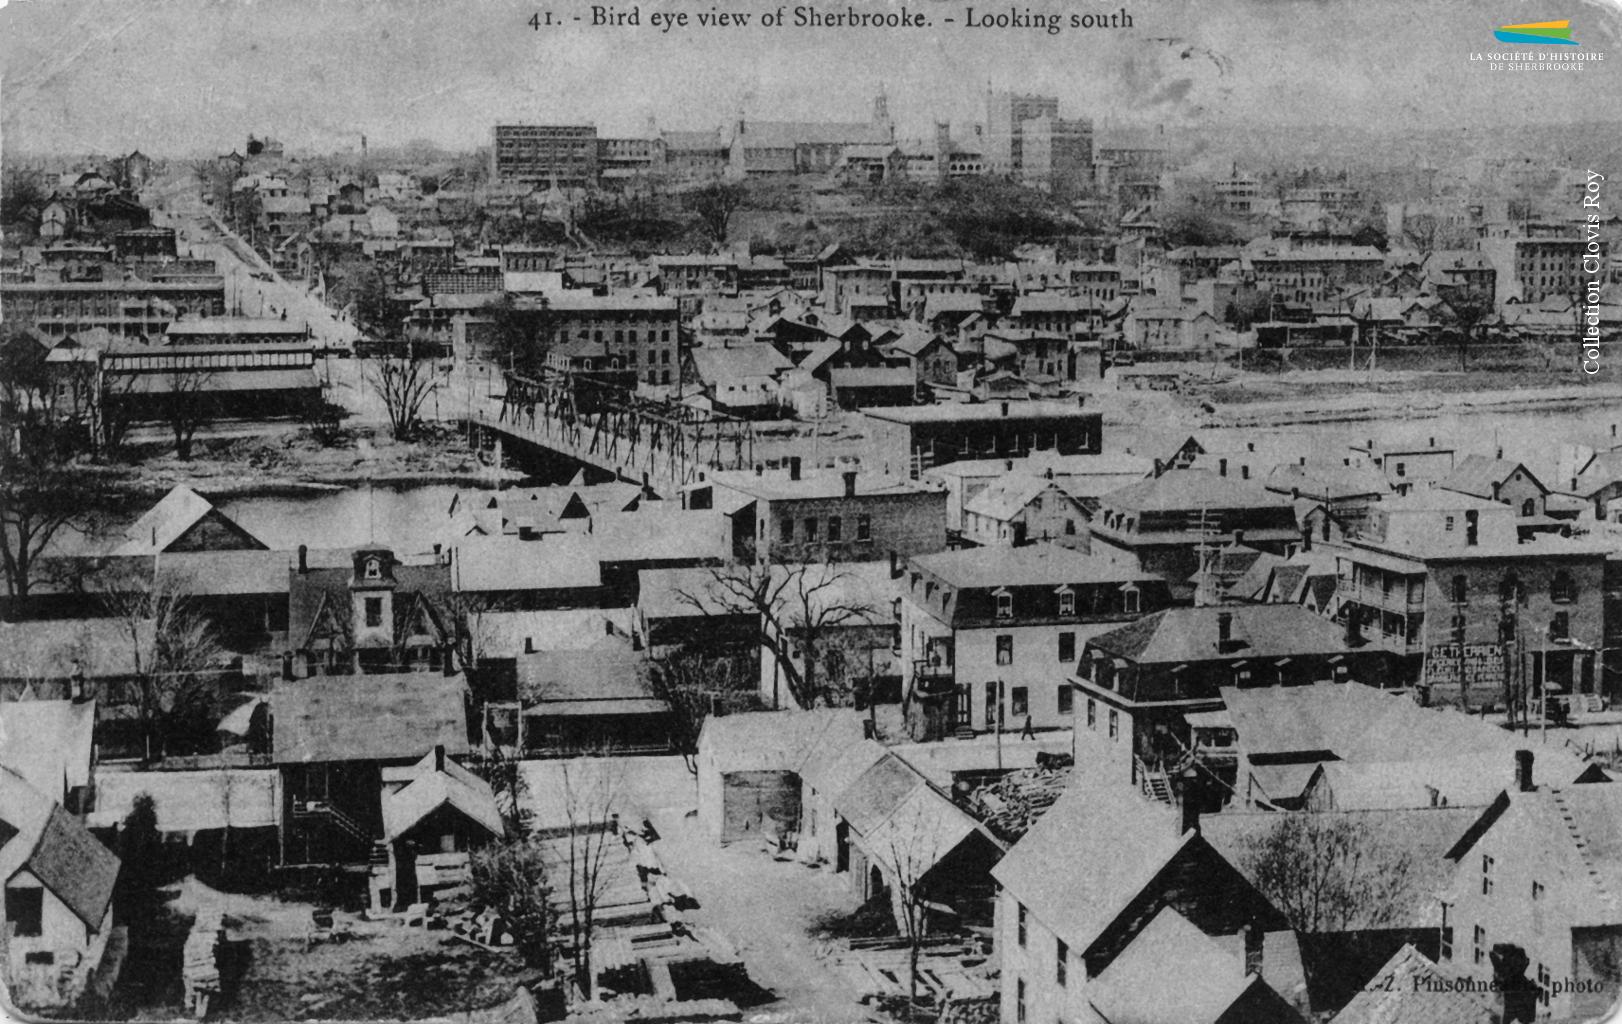 Le quartier Centre de Sherbrooke et la rivière Saint-François, depuis le quartier Est, vers 1904. Le secteur comprend beaucoup de petites maisons et de logements qu'occupent les ouvriers qui ne peuvent se loger dans les autres quartiers surpeuplés.